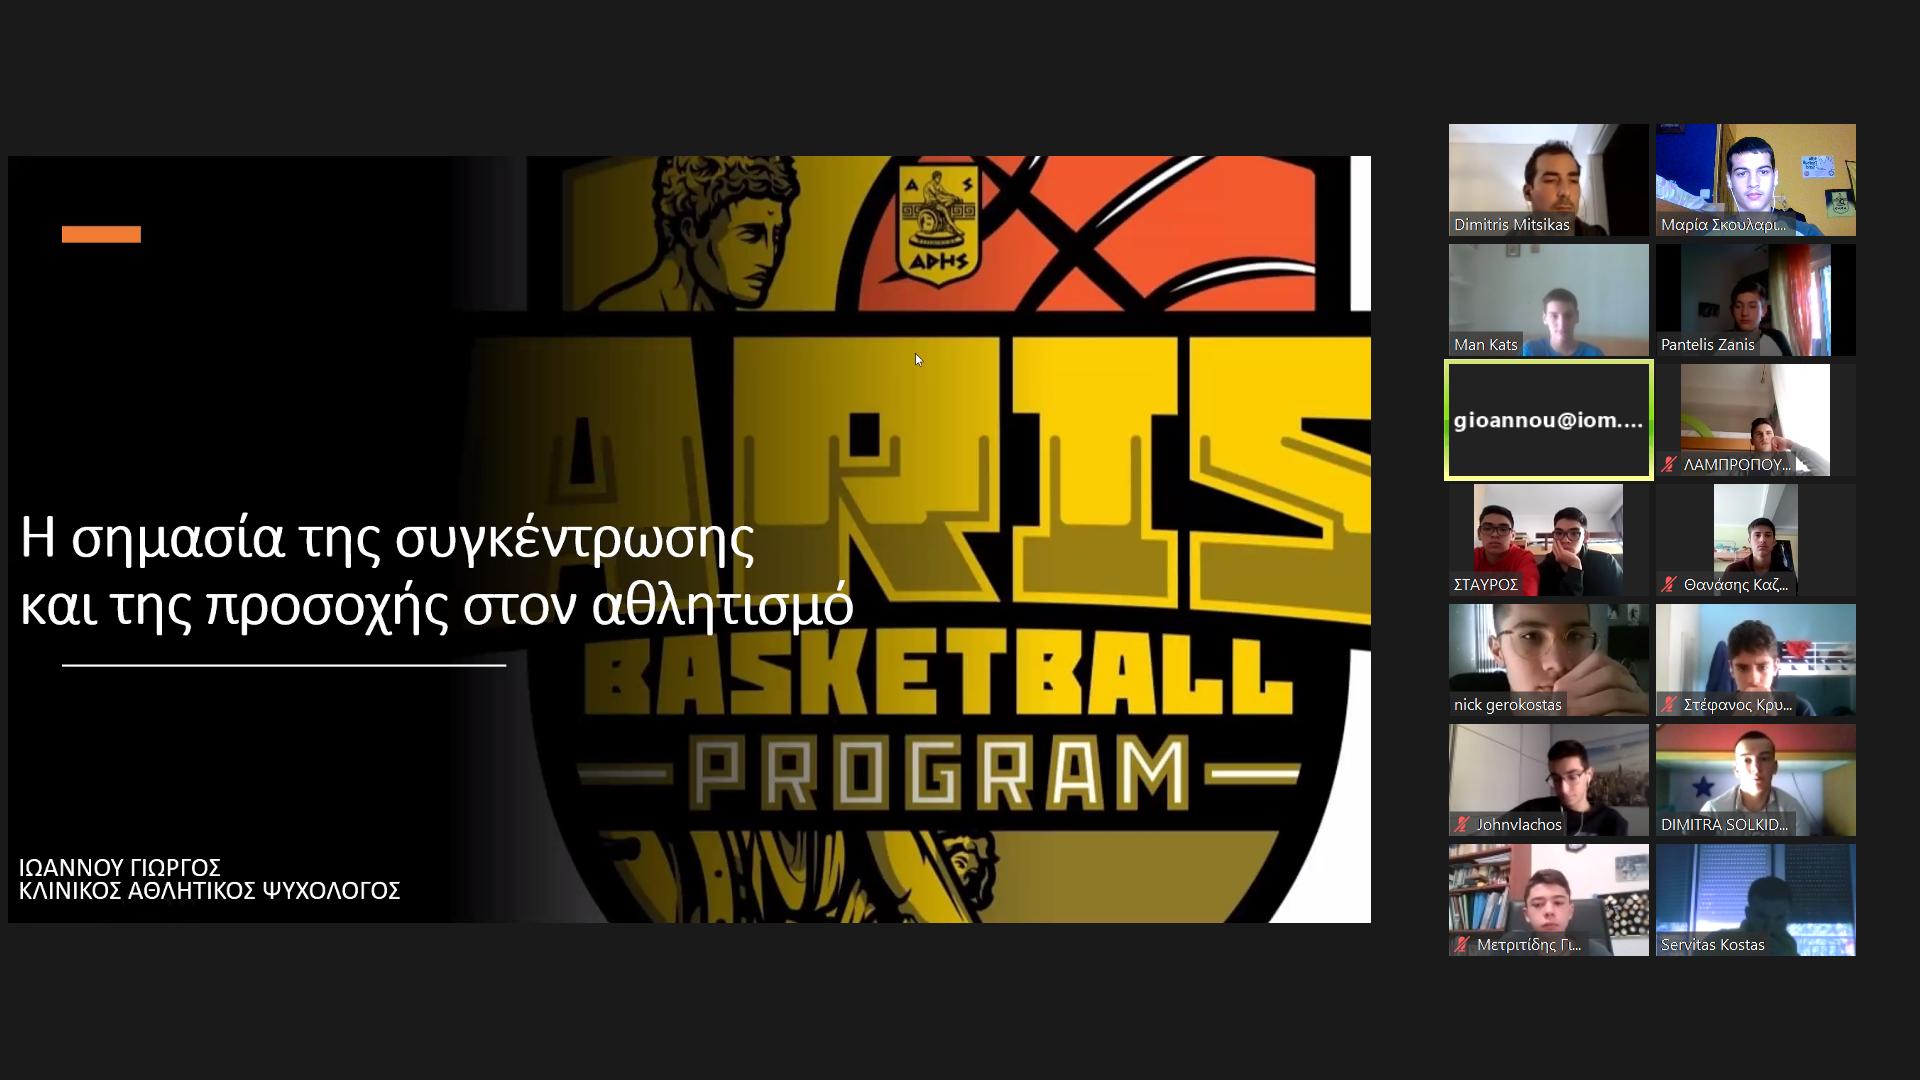 Ακαδημία Μπάσκετ: Συνεχίζονται οι διαδικτυακές συνεδρίες των αθλητών του ΑΡΗ (pics)